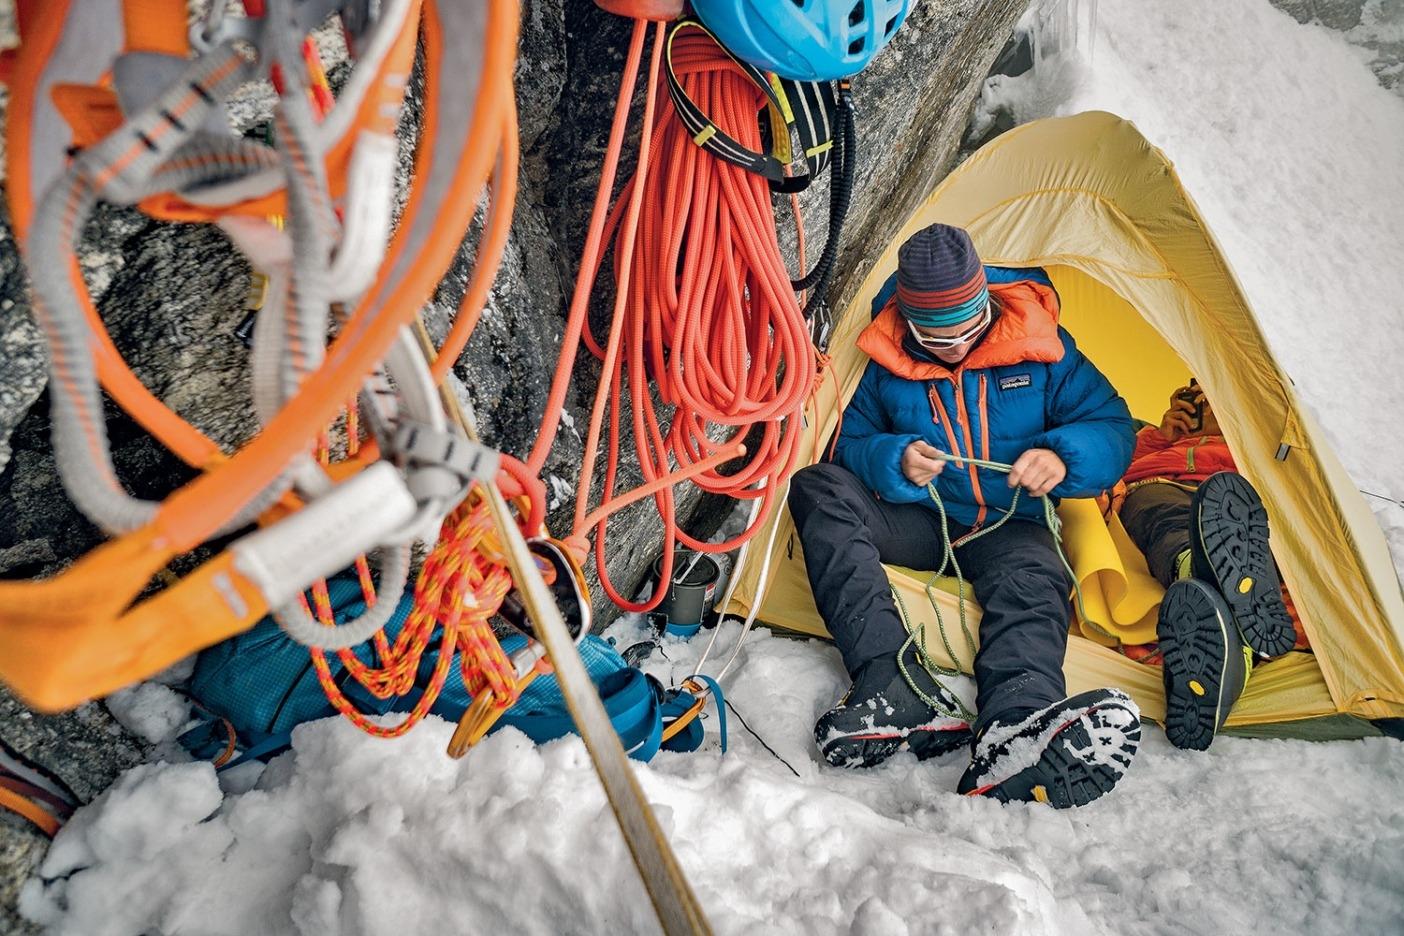 初日に12時間登りつづけたあとに見つけたビバーク地。平らな場所を掘り出すには時間がかかったが、かなりイイ感じに仕上がった。まだ日の光があったのでしばしの休憩を楽しみ、 天候をチェックしながら落ち着いた。このような大登攀ではめずらしい瞬間。Photo: JASON THOMPSON